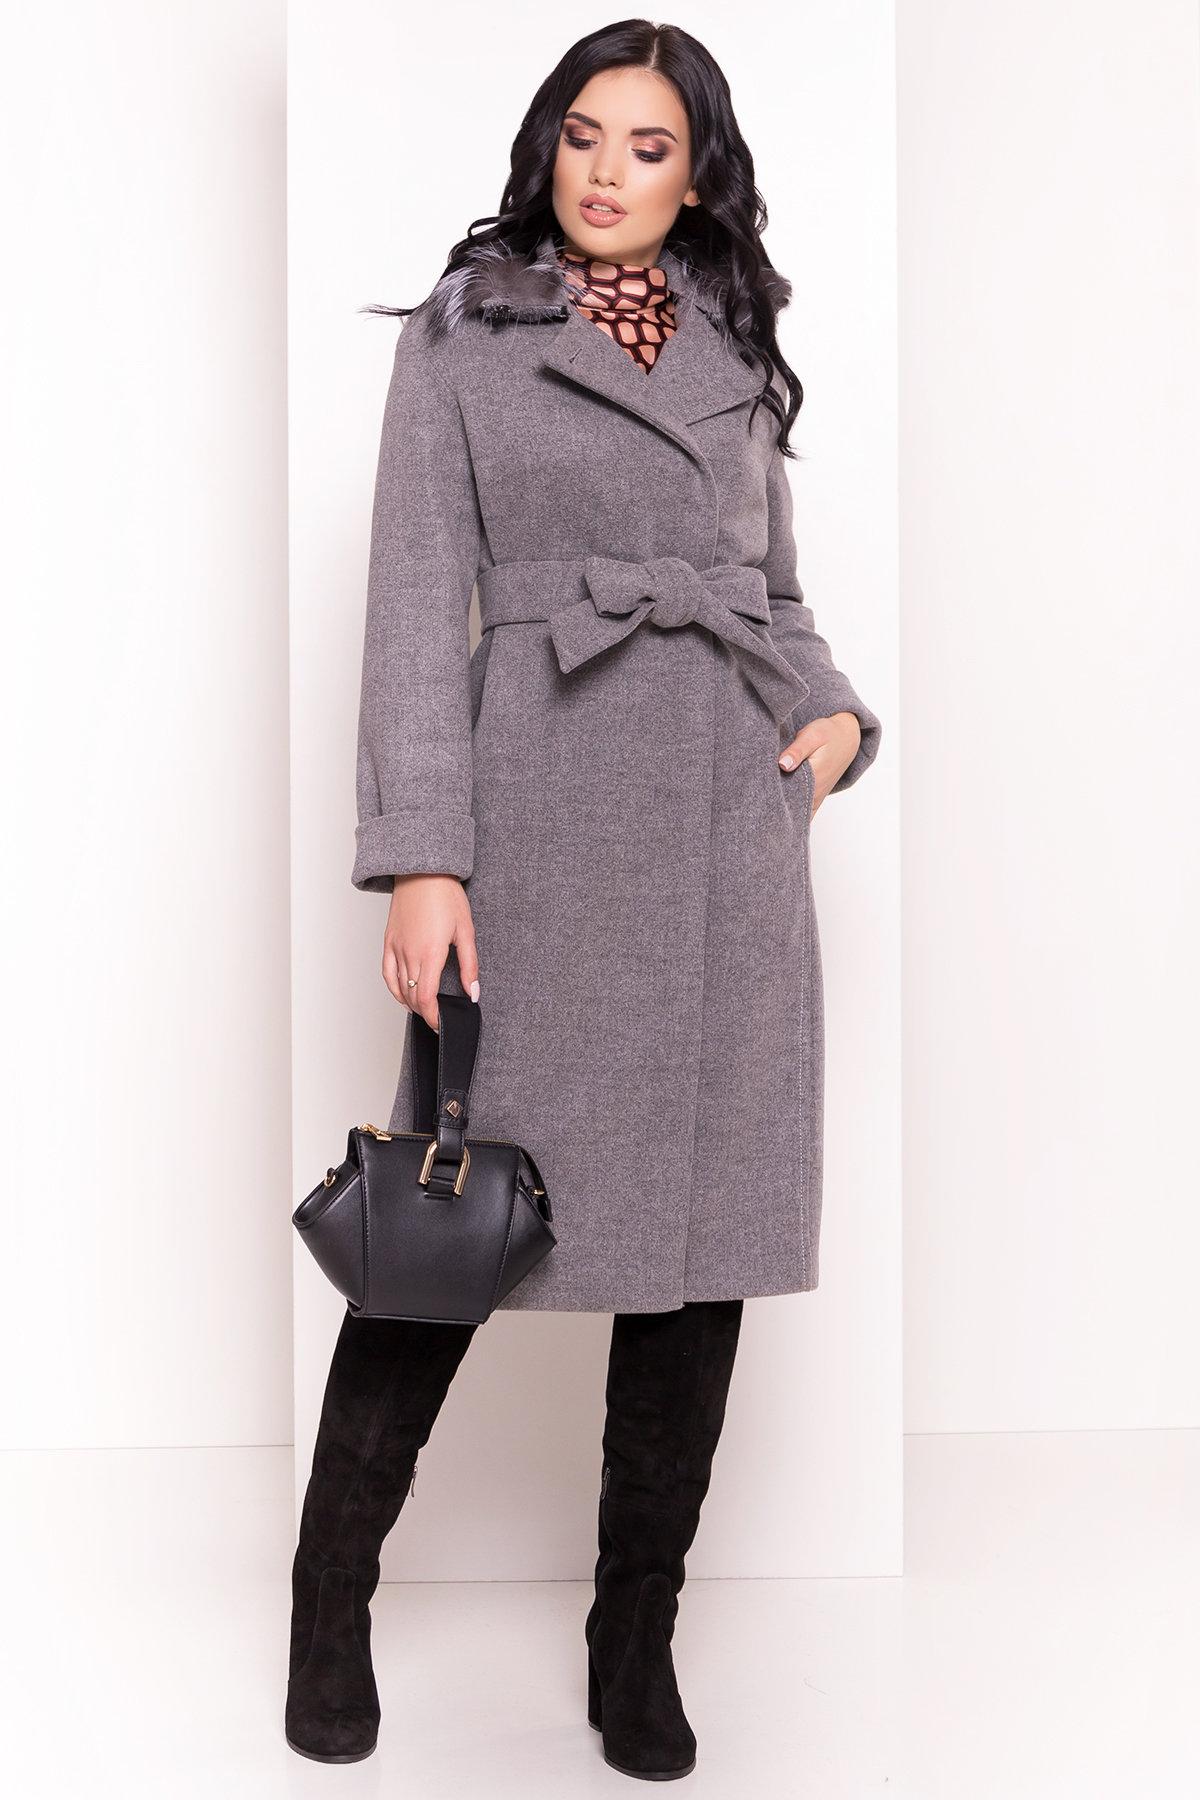 Пальто зимнее от производителя Modus Зимнее приталенное пальто с поясом Богема 5706